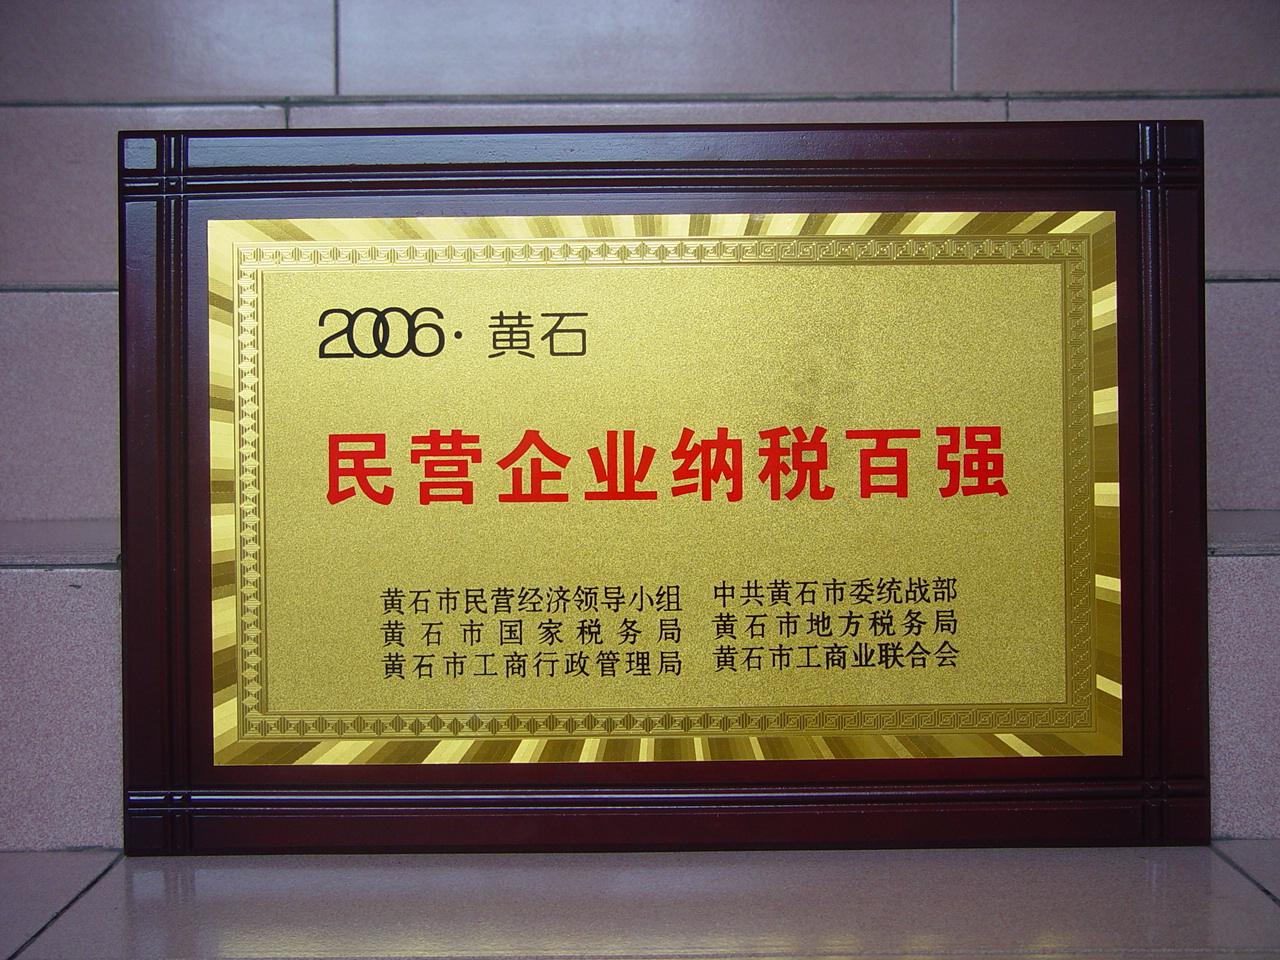 06年度民營企業納稅百強